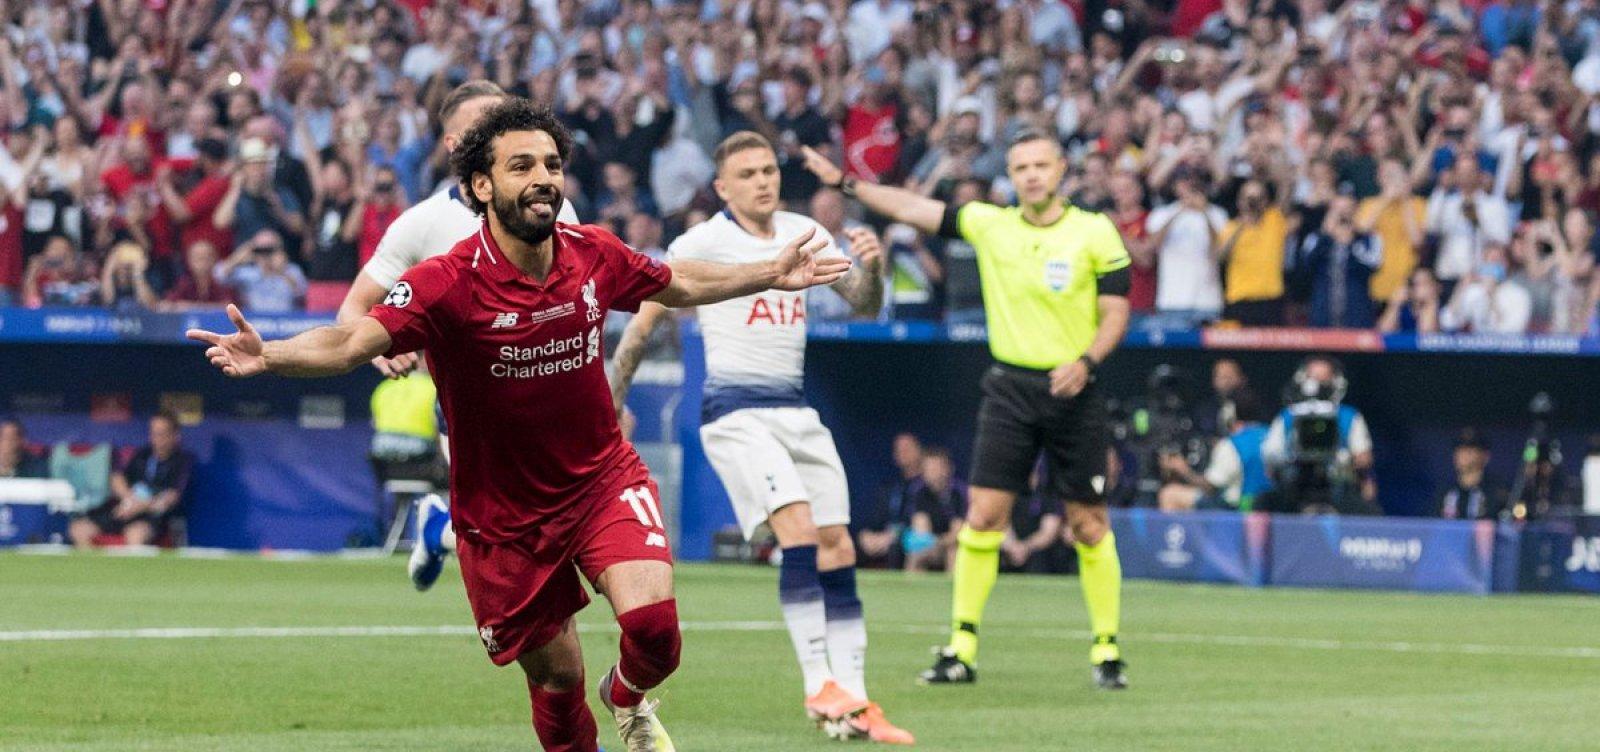 [Liverpool vence Tottenham por 2 a 0 e conquista Liga dos Campeões]